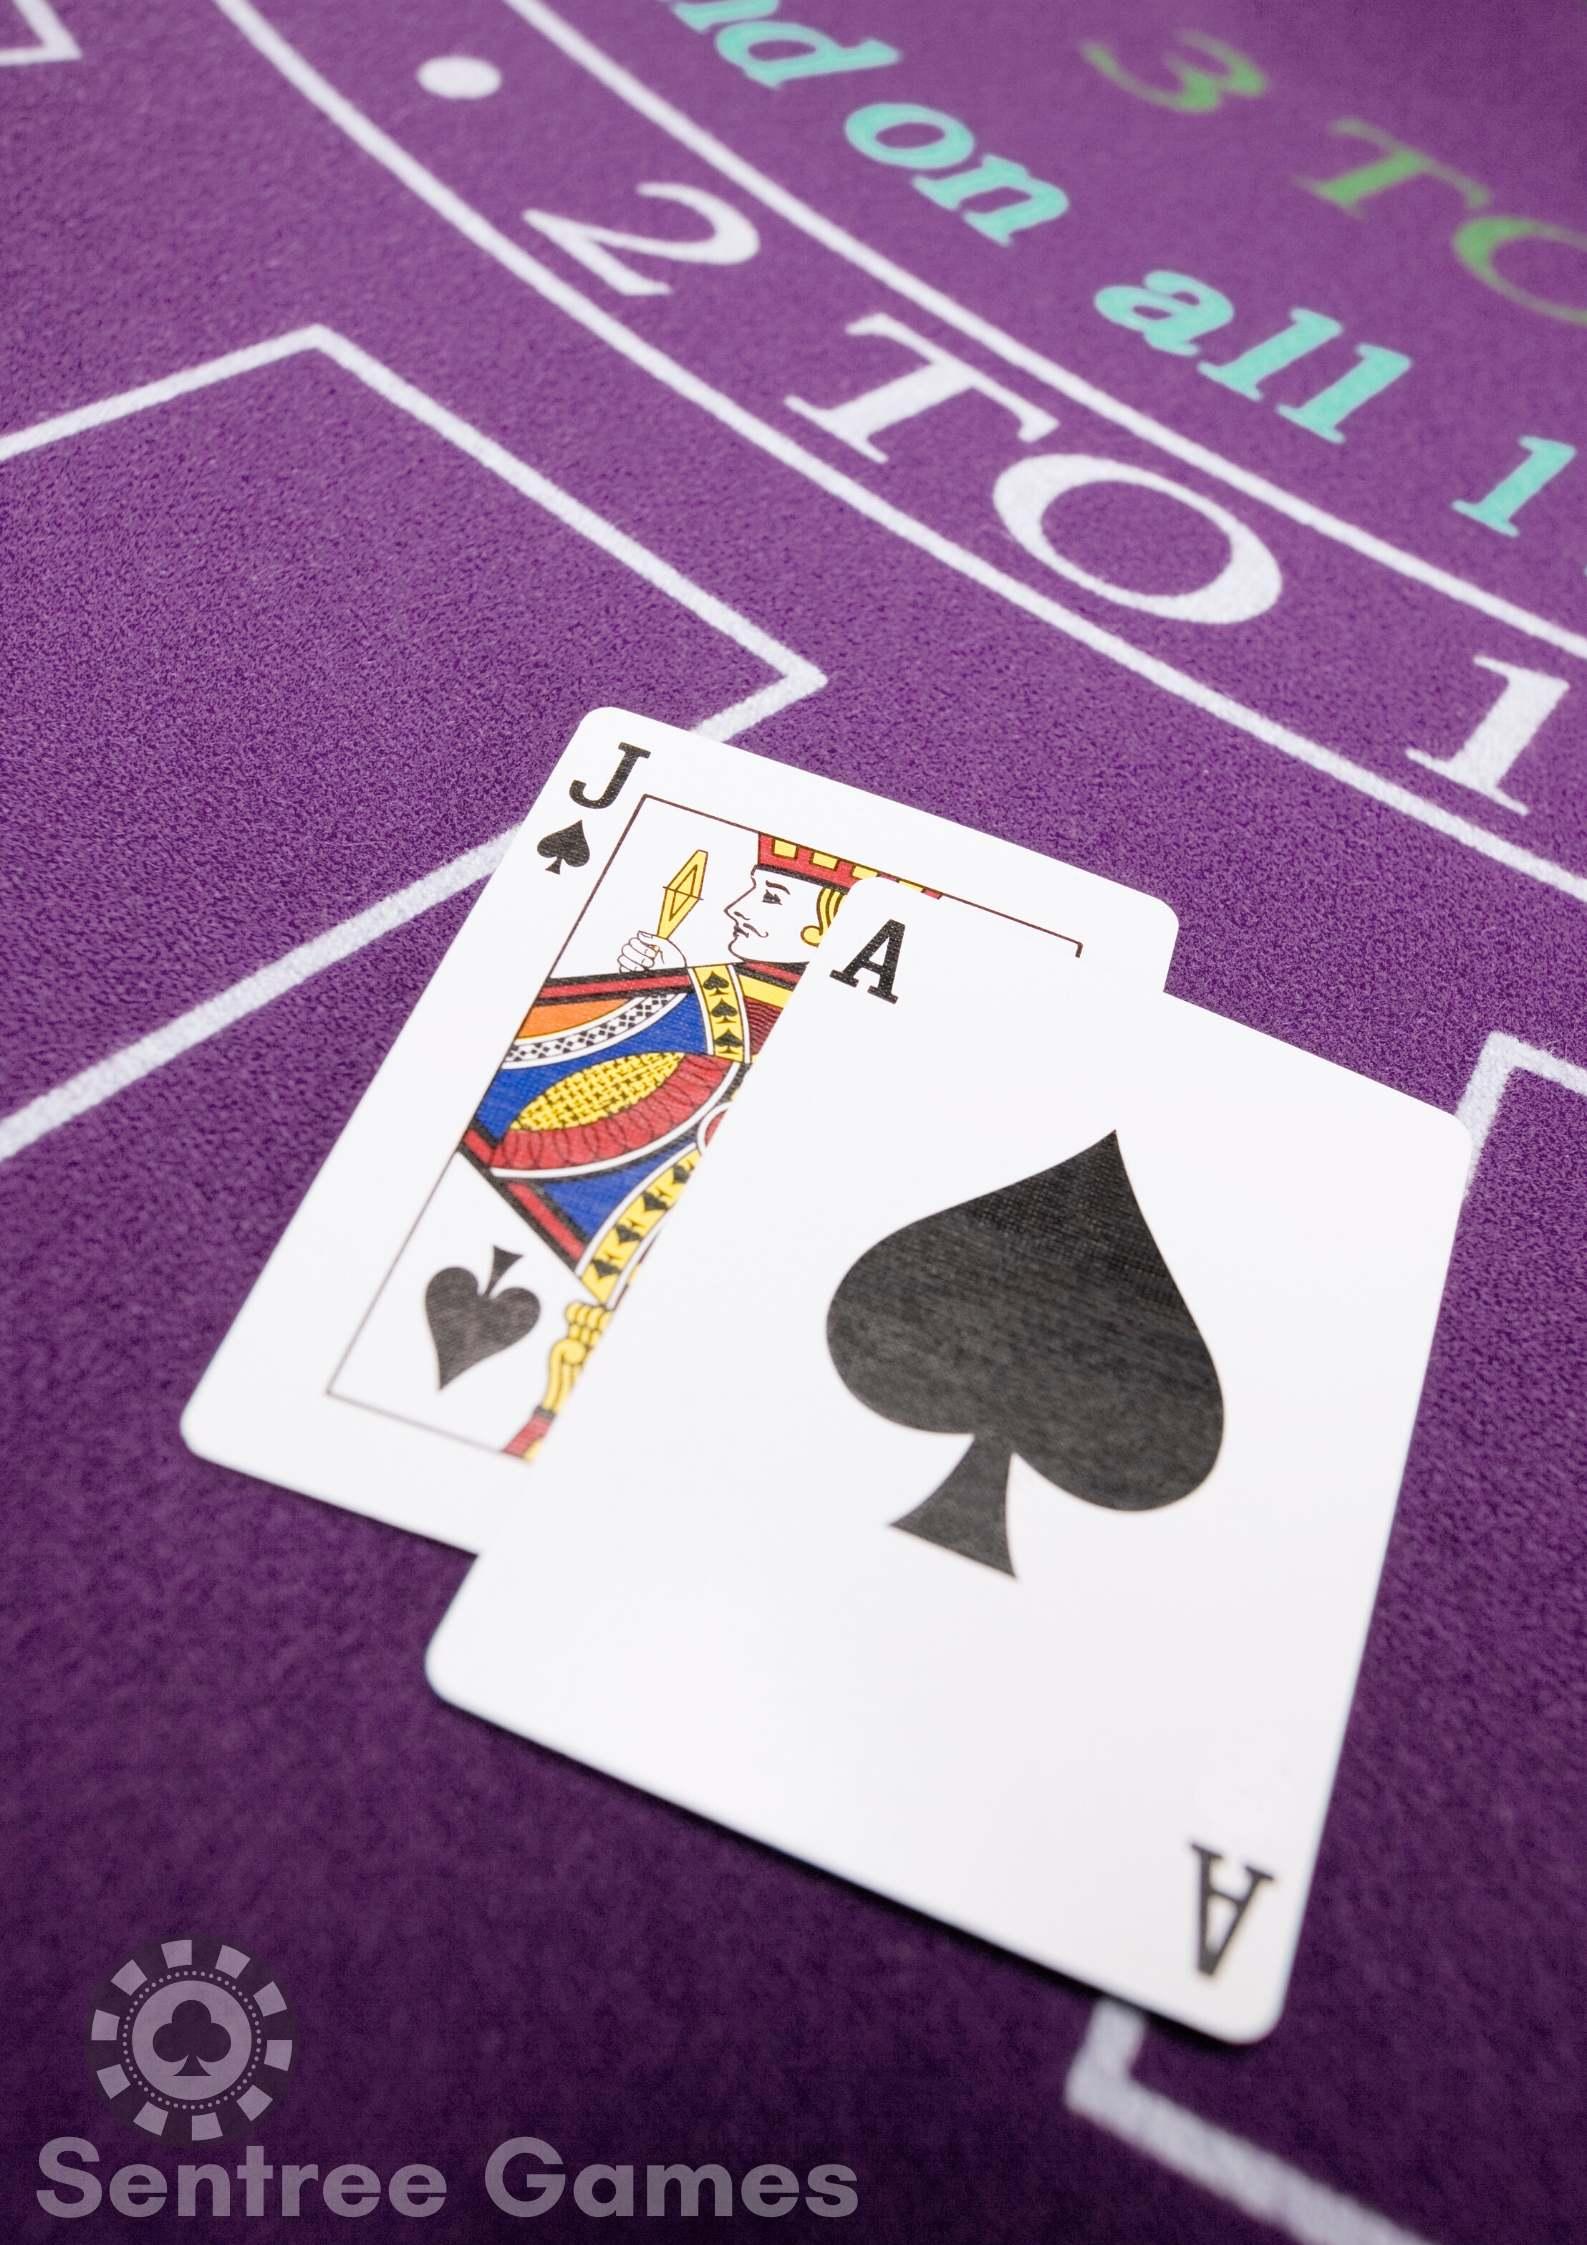 card games seasonal ideas gambling